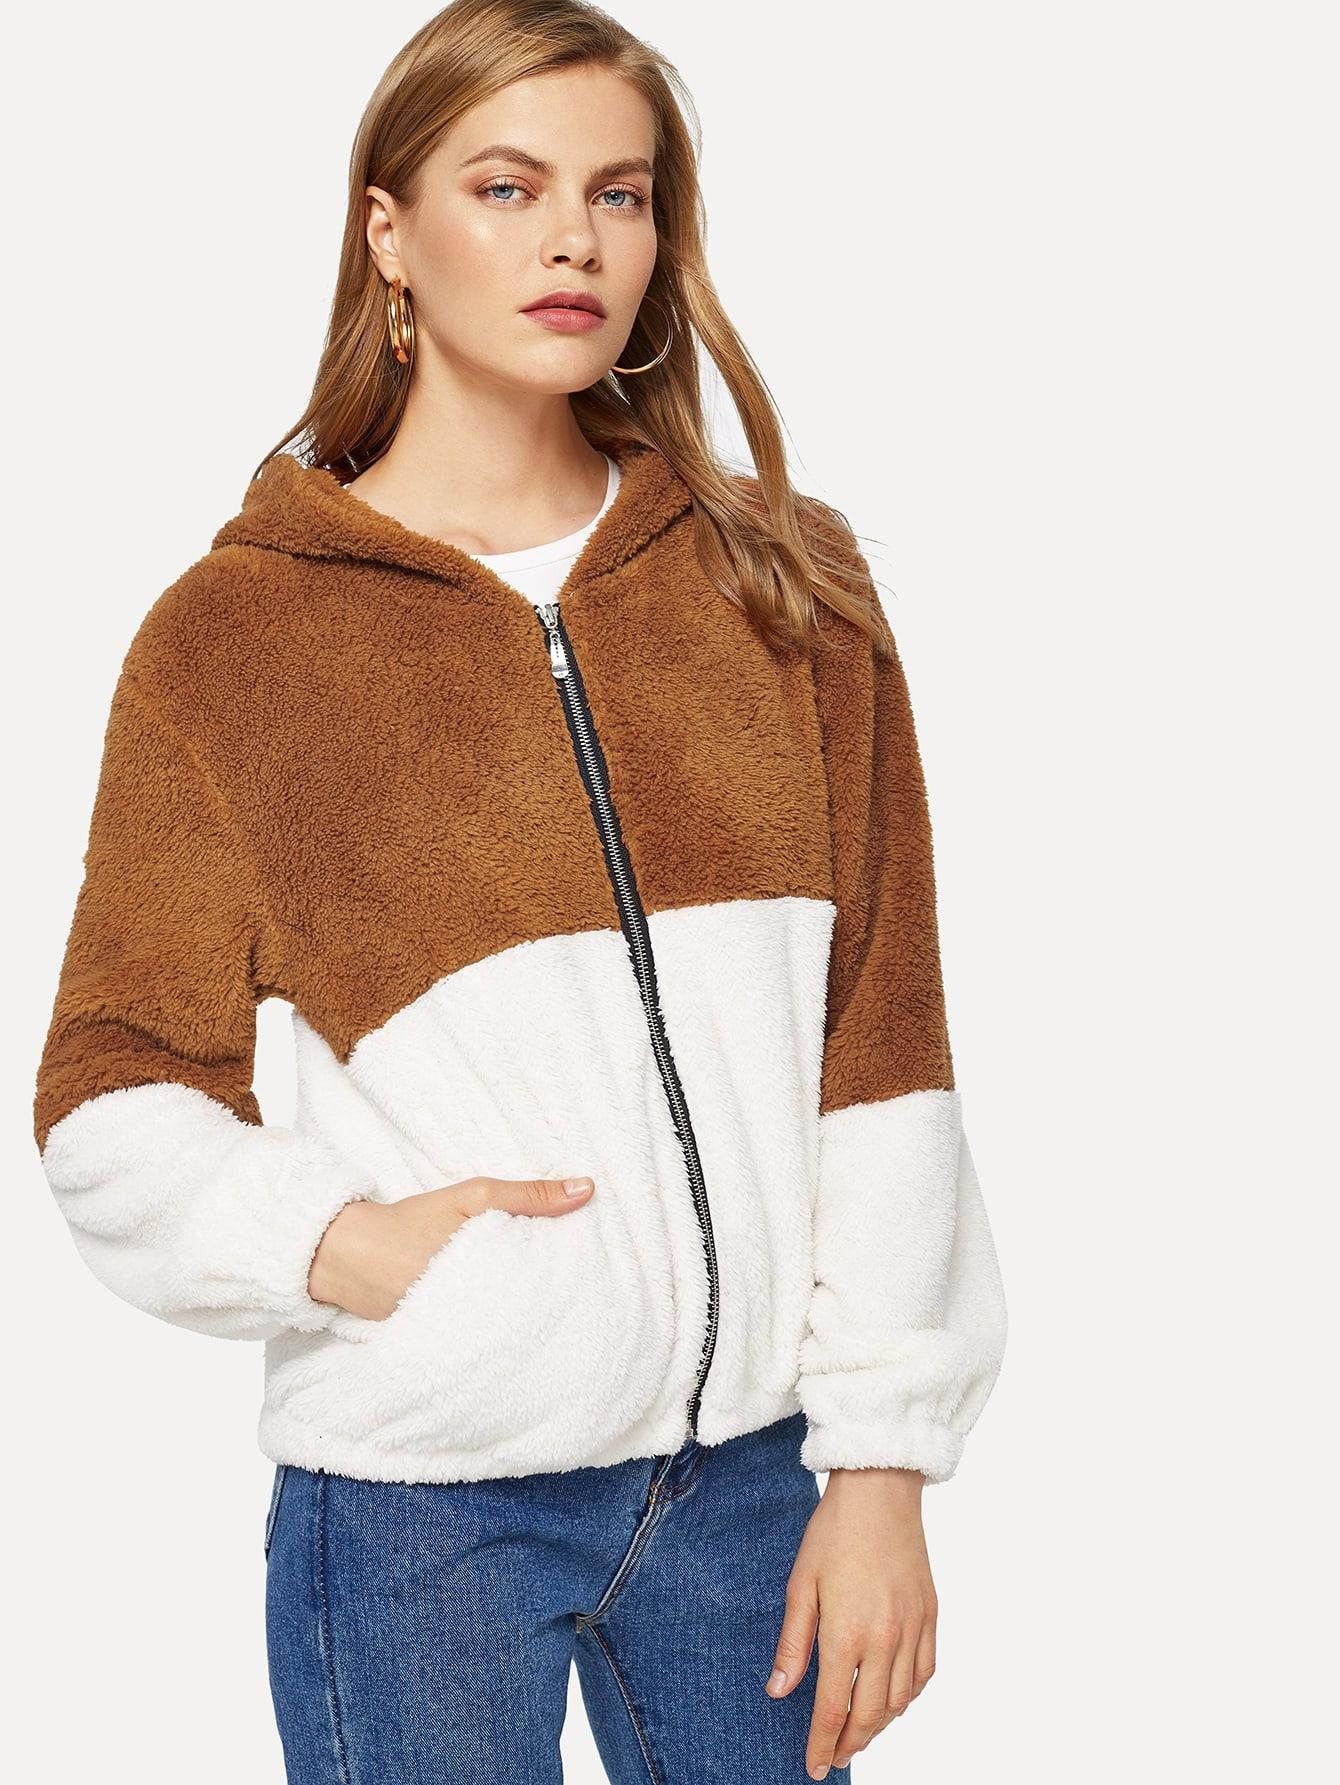 Контрастная пушистая куртка с капюшоном, Kate C, SheIn  - купить со скидкой